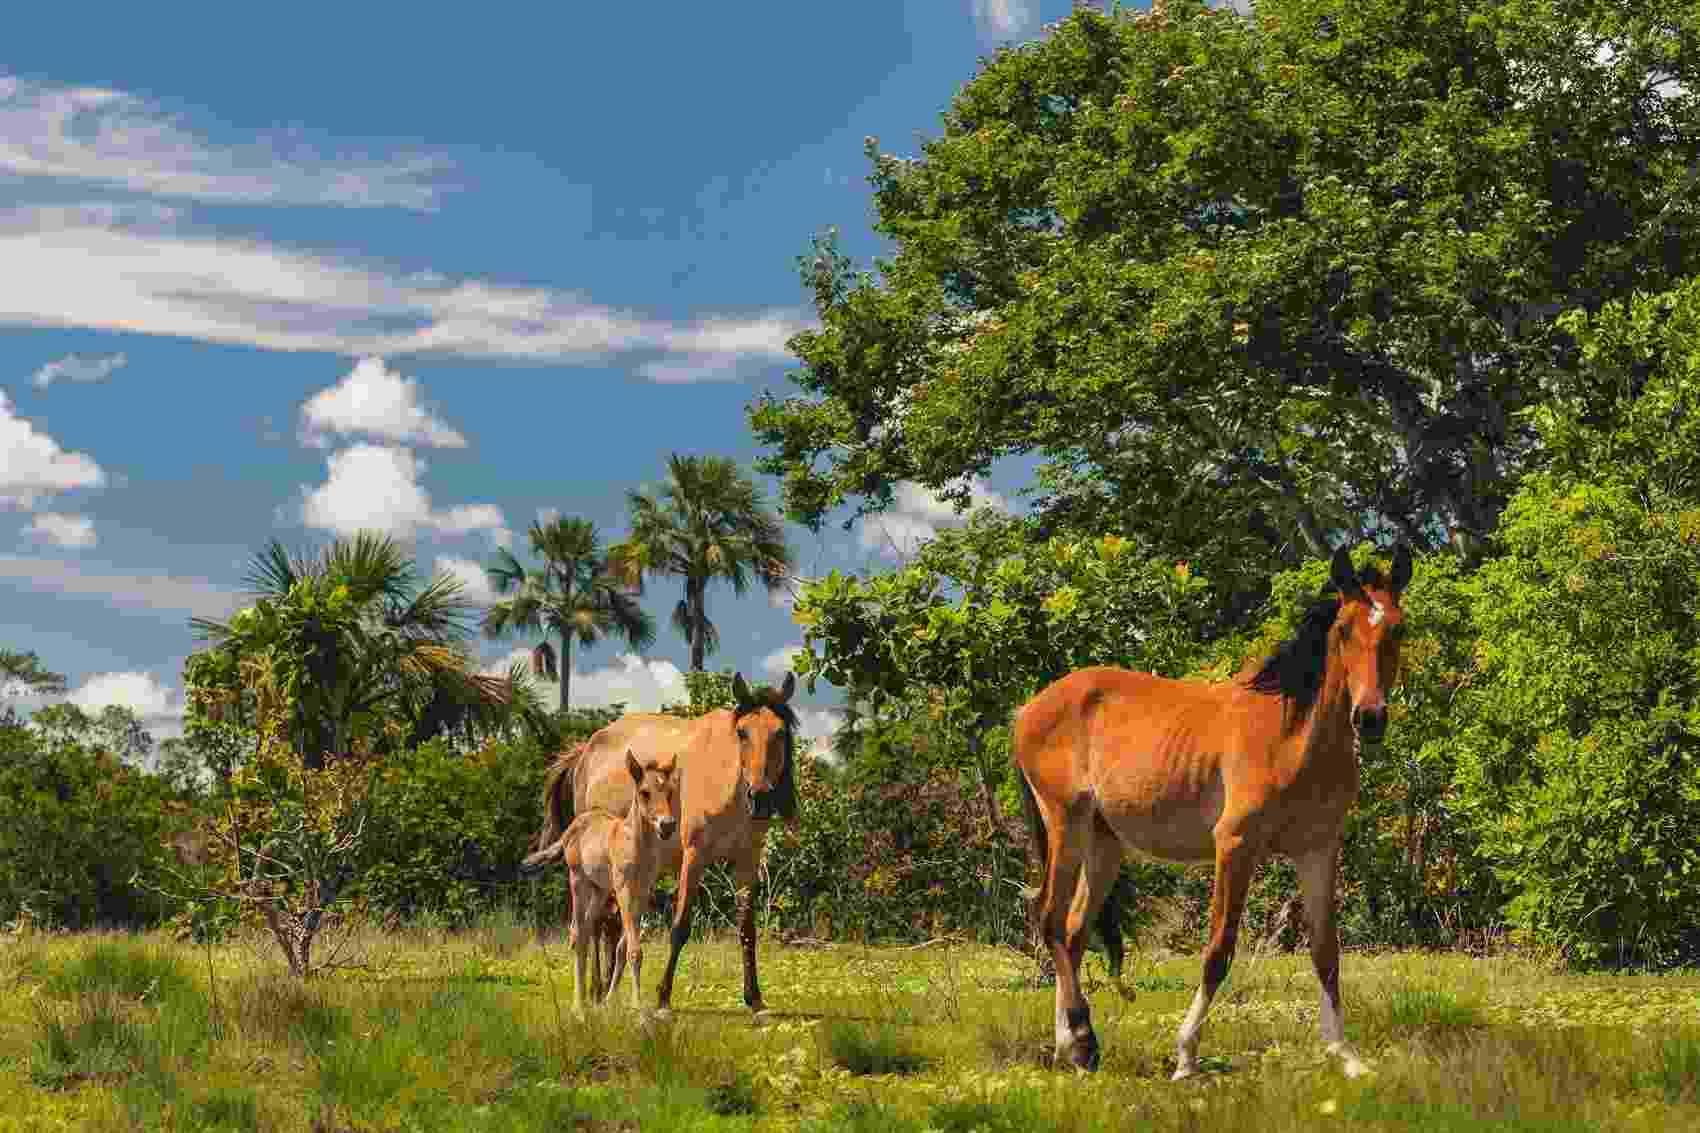 Cavalos ficam soltos no pasto em comunidade no oeste baiano. Há 300 anos morando na região, as famílias desenvolveram jeito de viver do cerrado compartilhando áreas comuns - Gui Gomes/Repórter Brasil